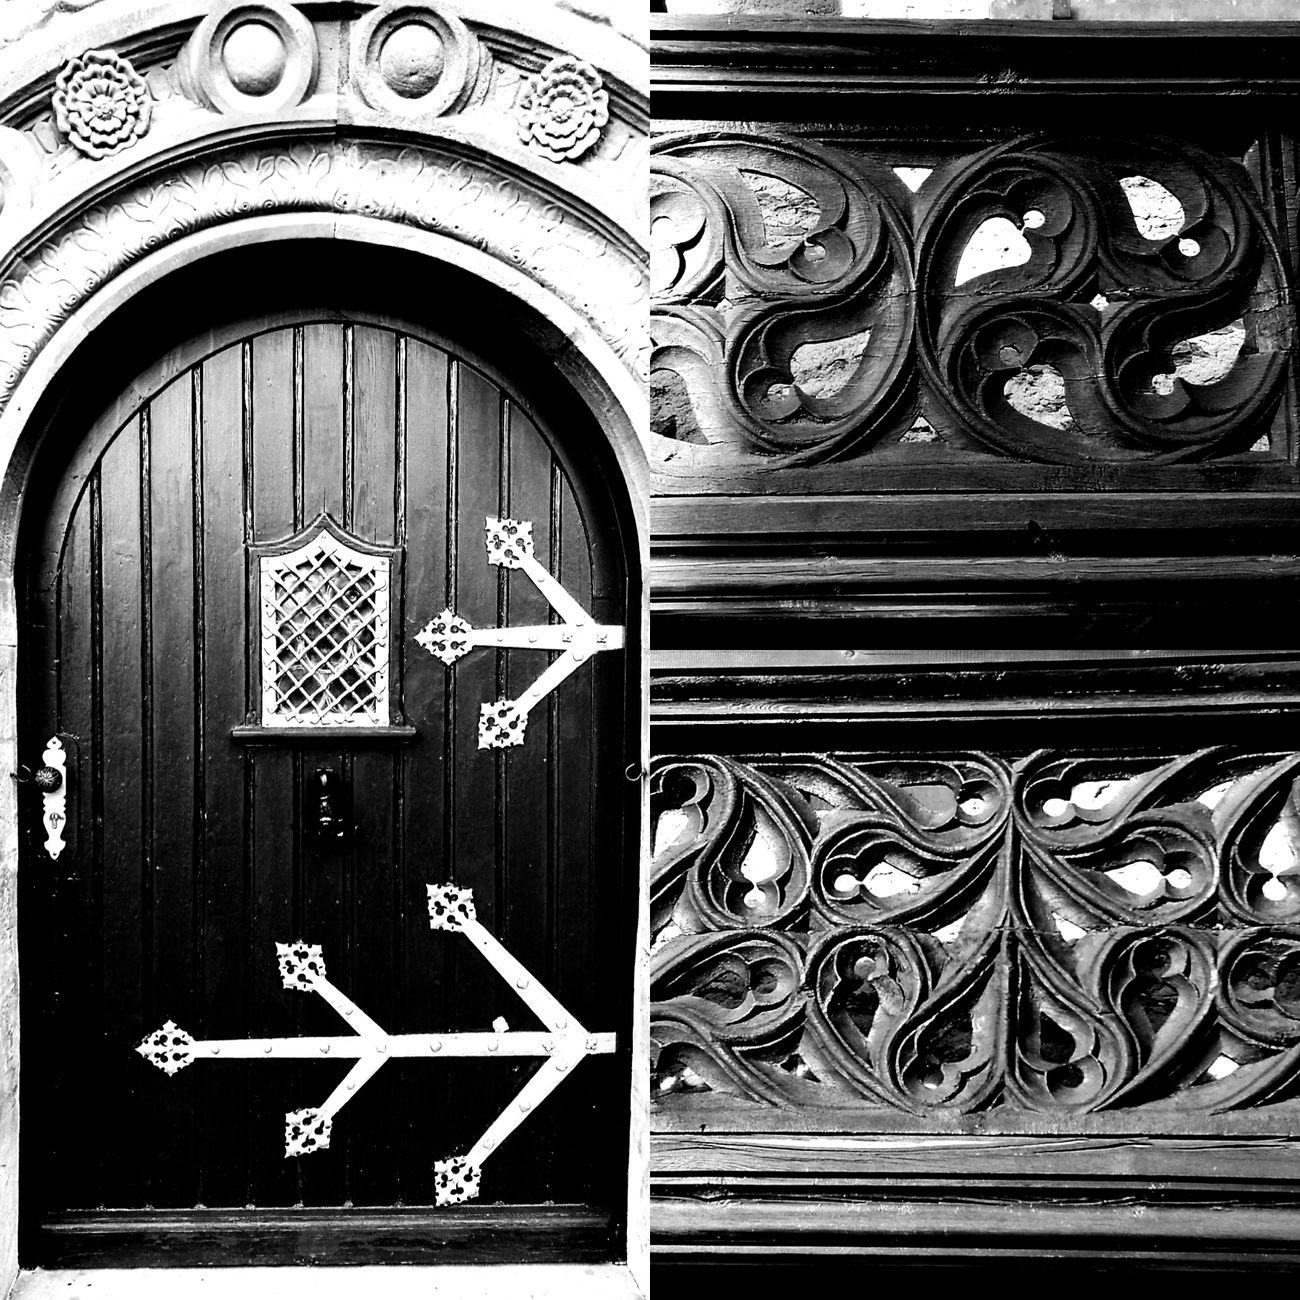 Alte Handwerkskunst Handwerk Holz Holz Kunst Holztür Beschläge Steinmetzarbeit